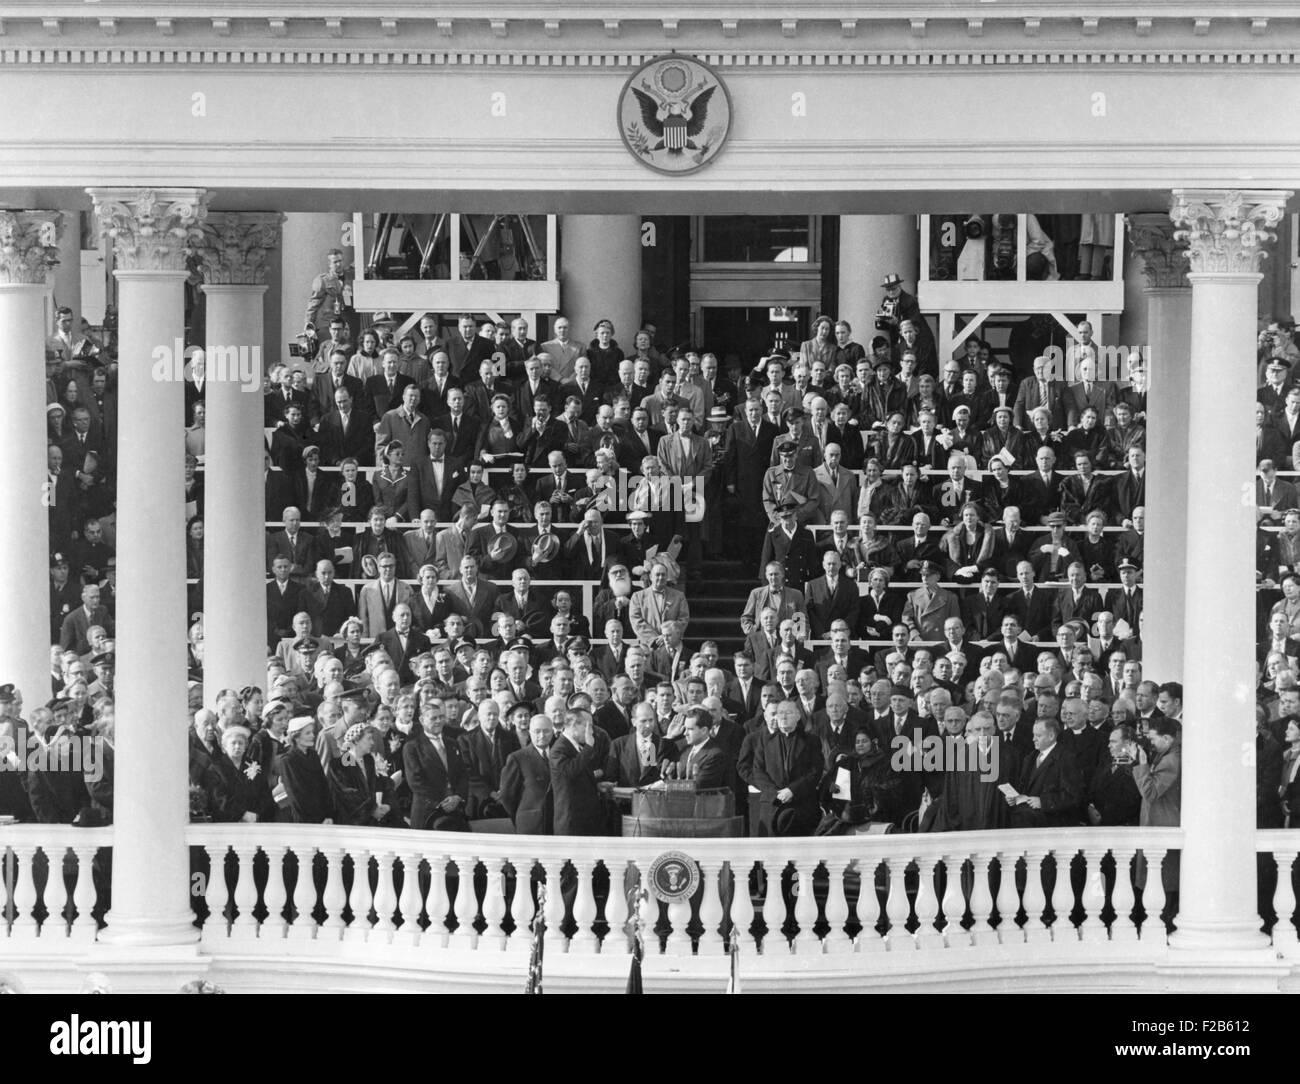 Richard Nixon prêté serment en tant que Vice-président. Le 20 janvier 1953. Le sénateur William Photo Stock